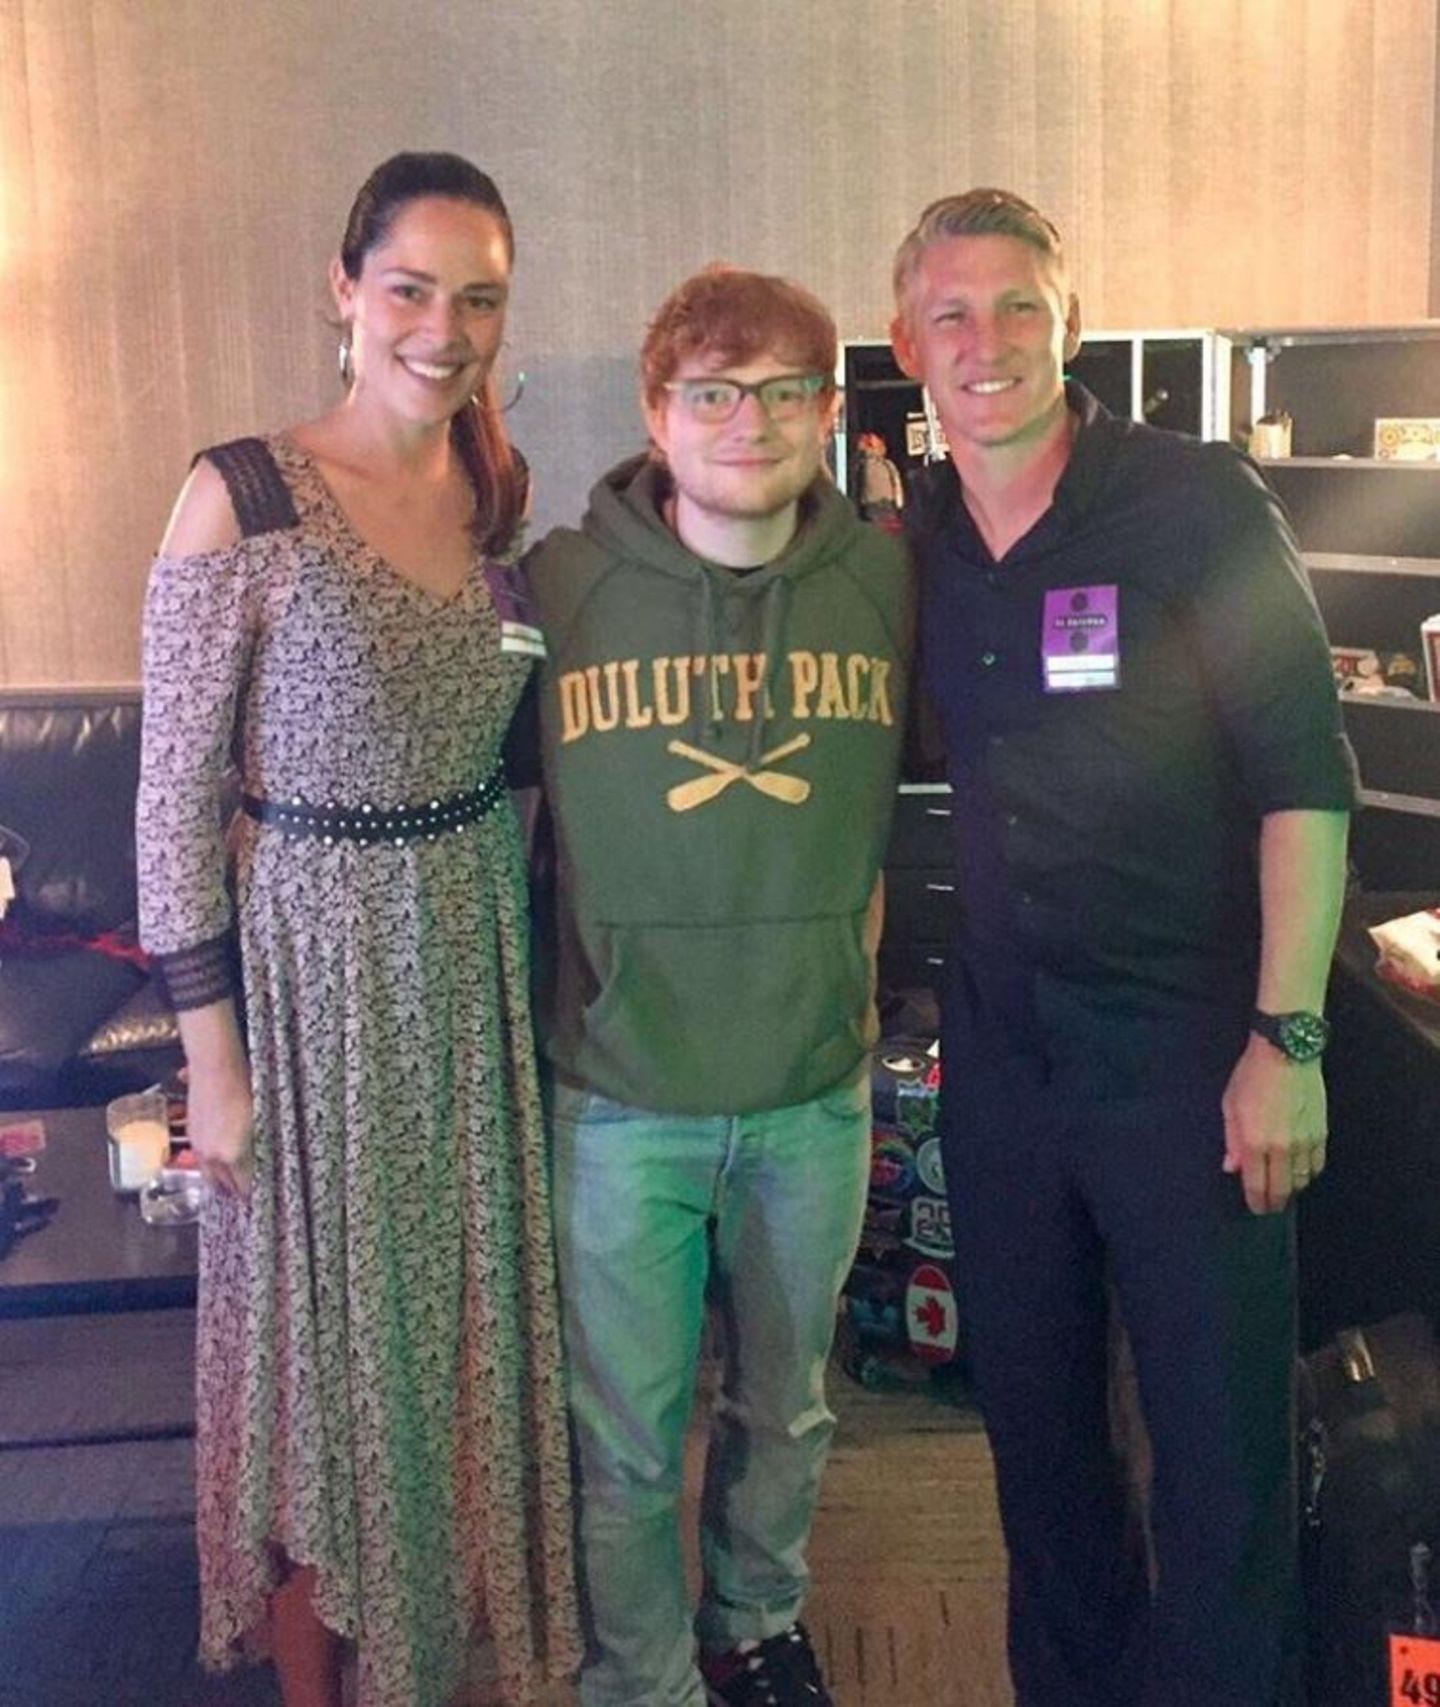 Wer hier wohl Fan von wem ist?! Ana und Basti besuchen gemeinsam ein Konzert des britischen Musikers Ed Sheeran. Zu diesem Anlass trägt Ana ein aufregendes Kleid mit Muster und Schulter-Ausschnitt. Dazu trägt sie silberne Creolen und natürliches Make-up.